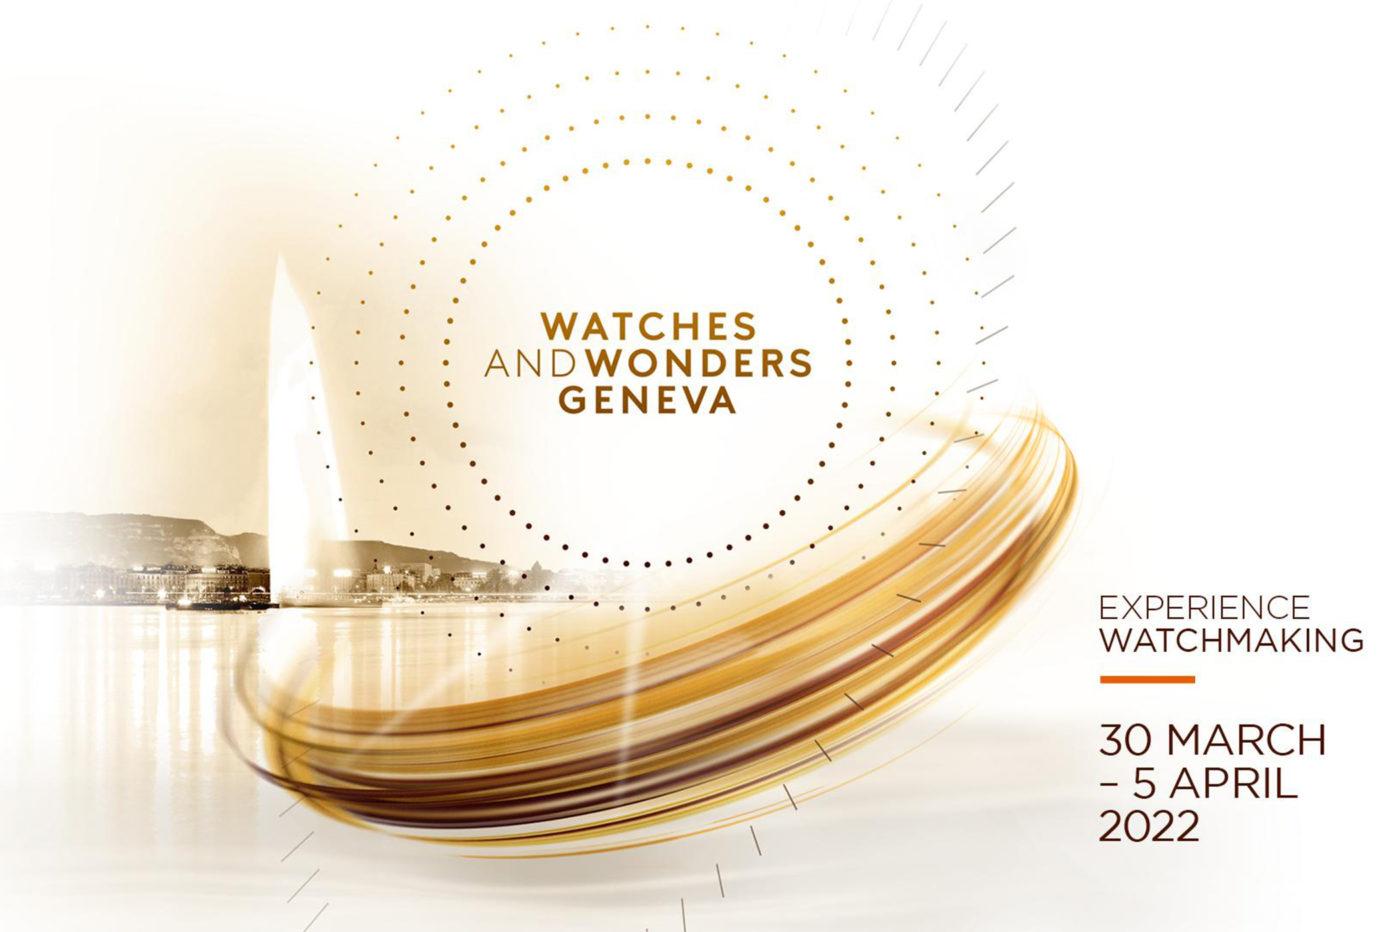 Watches & Wonders Geneva 2022